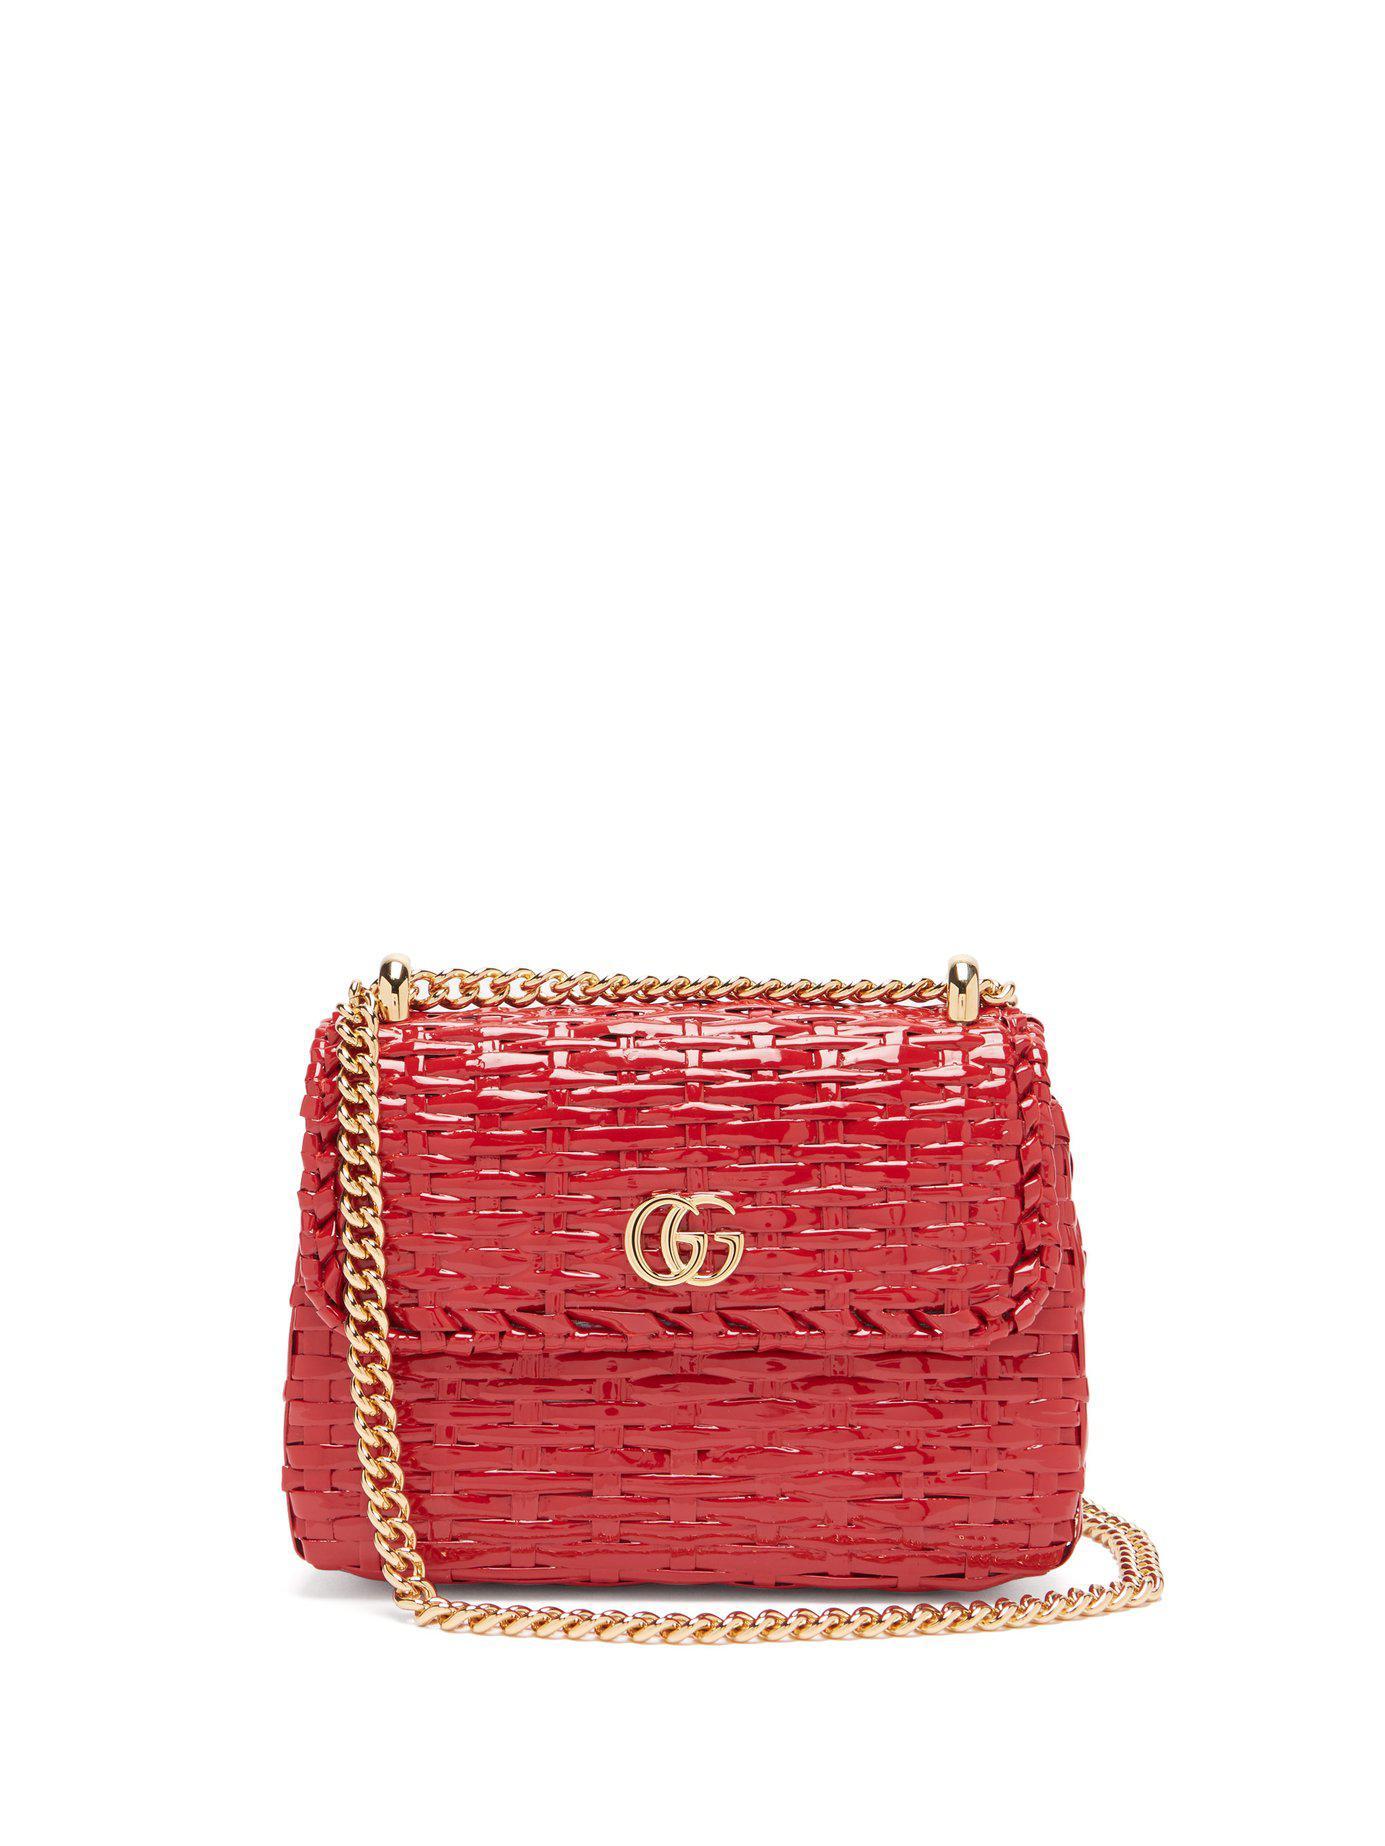 80e3681f873c70 Lyst - Gucci Cestino Woven Wicker Cross Body Bag in Red